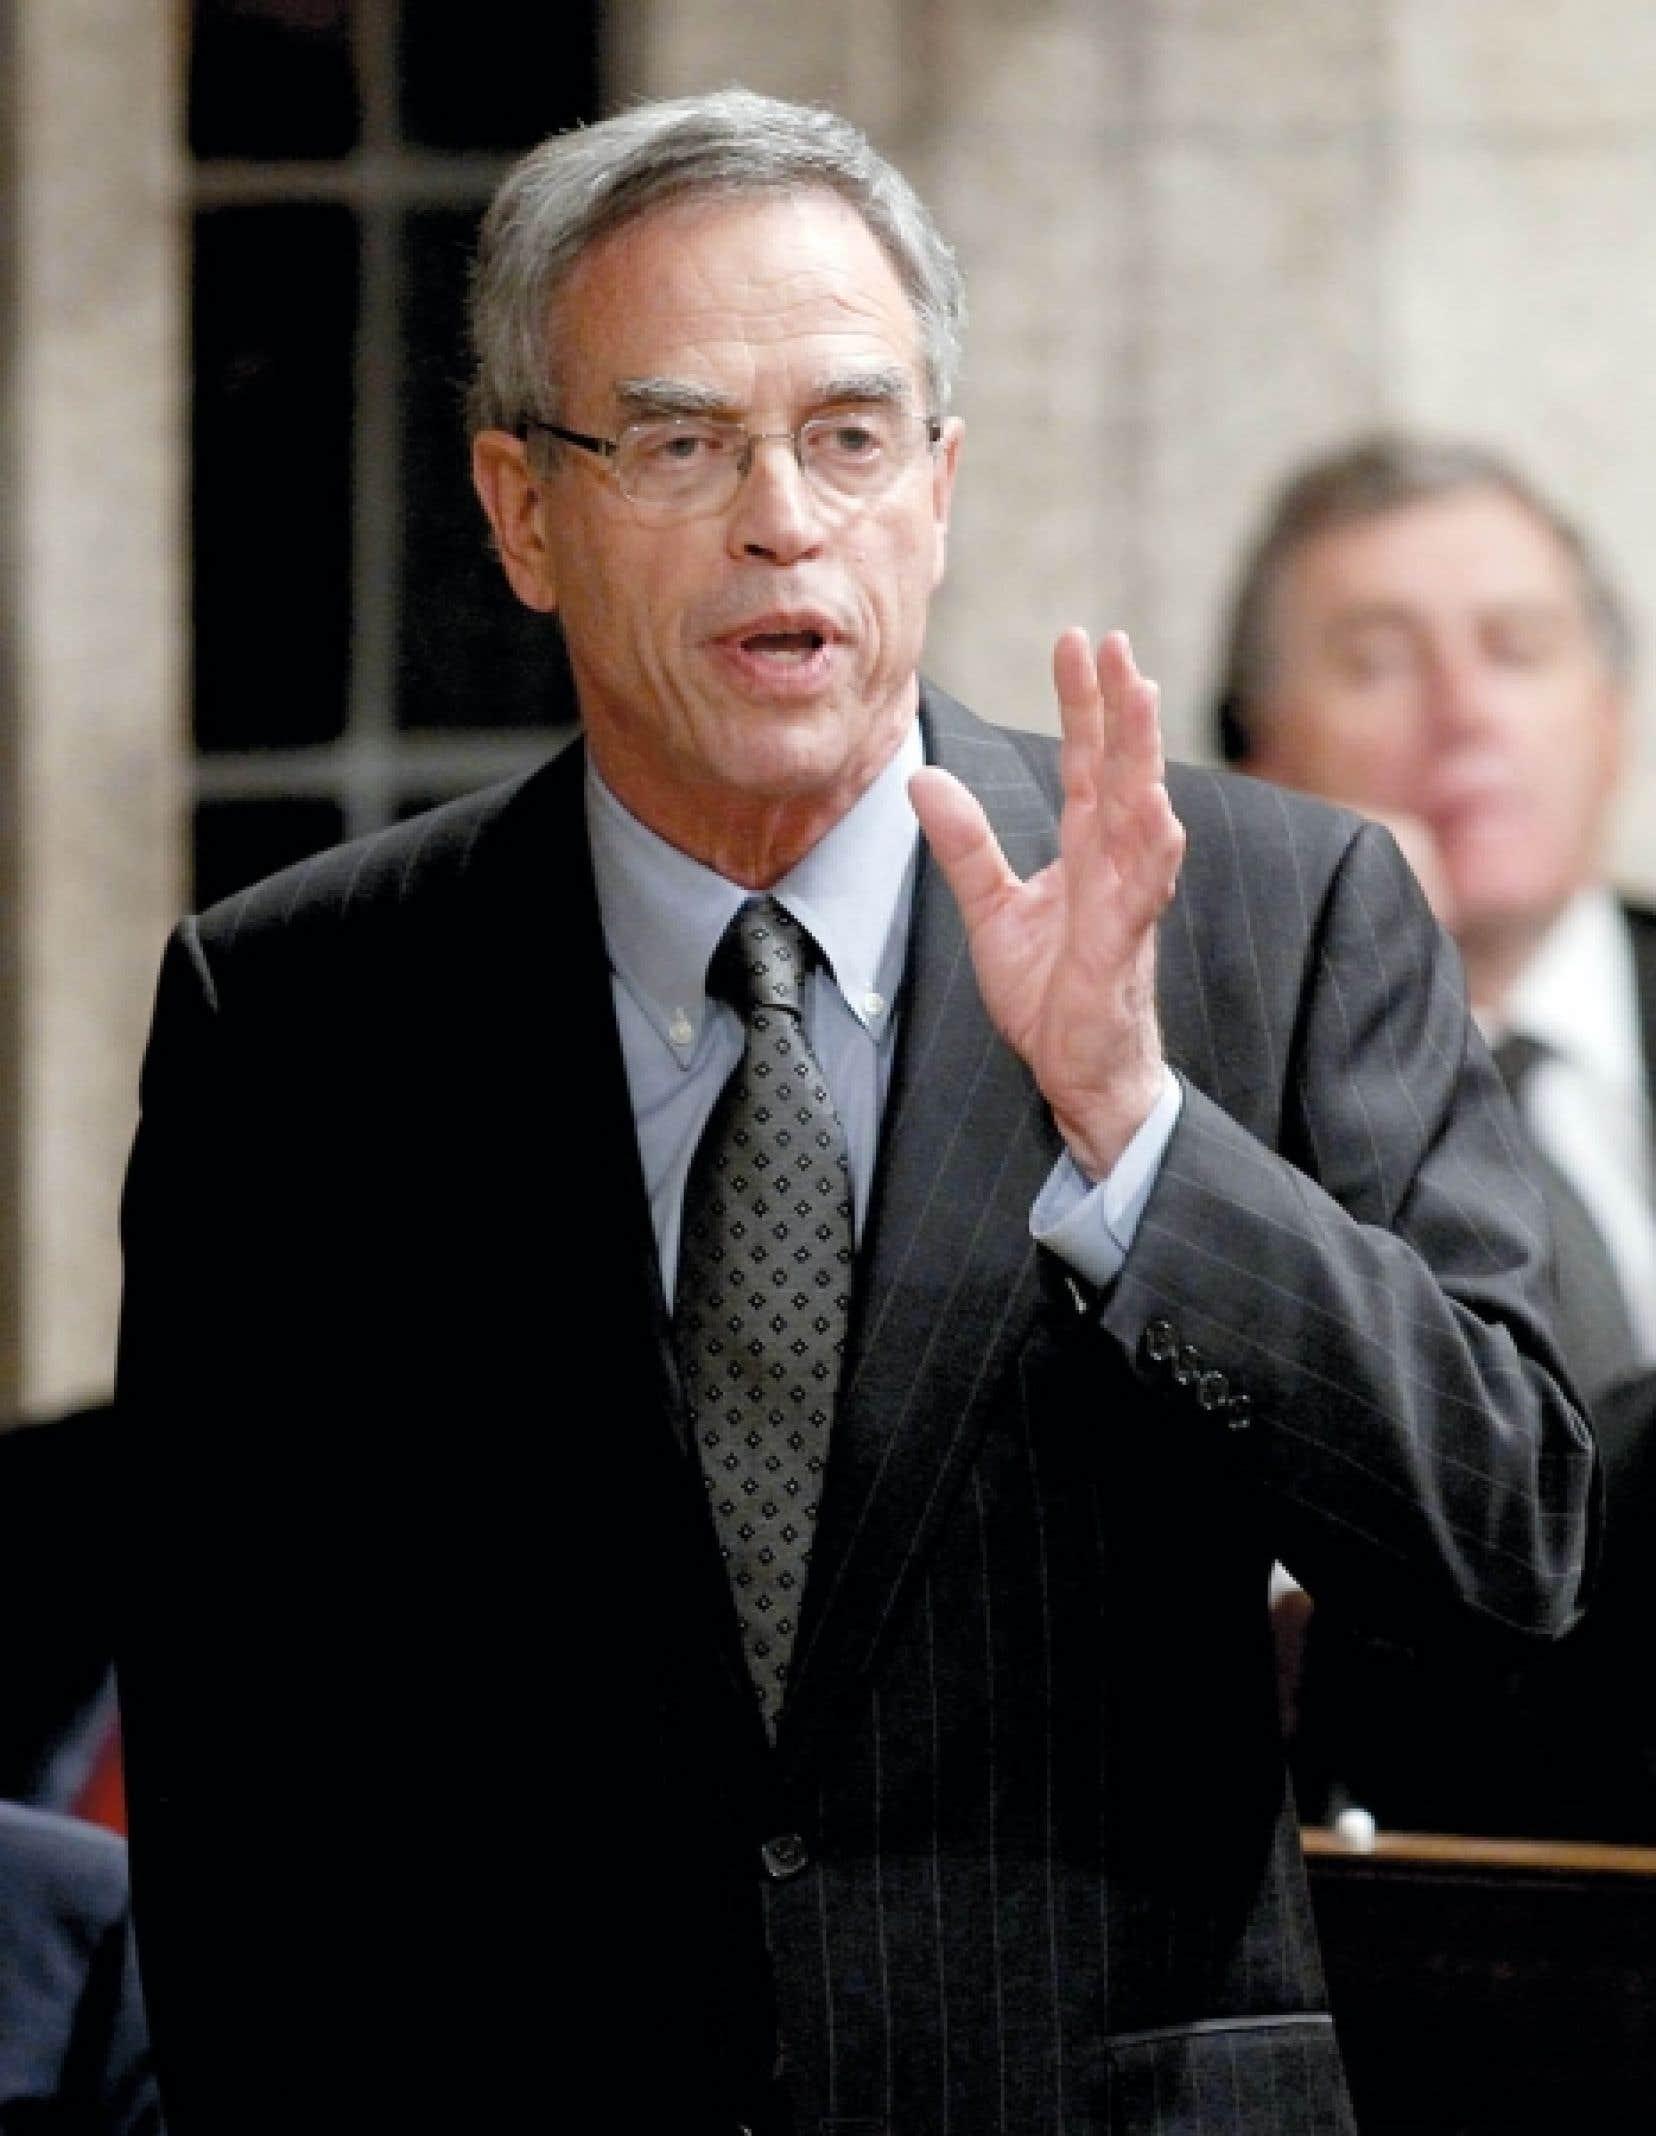 Le ministre fédéral des Ressources naturelles, Joe Oliver, souhaite que l'évaluation écologique des grands projets énergétiques soit menée plus rapidement.